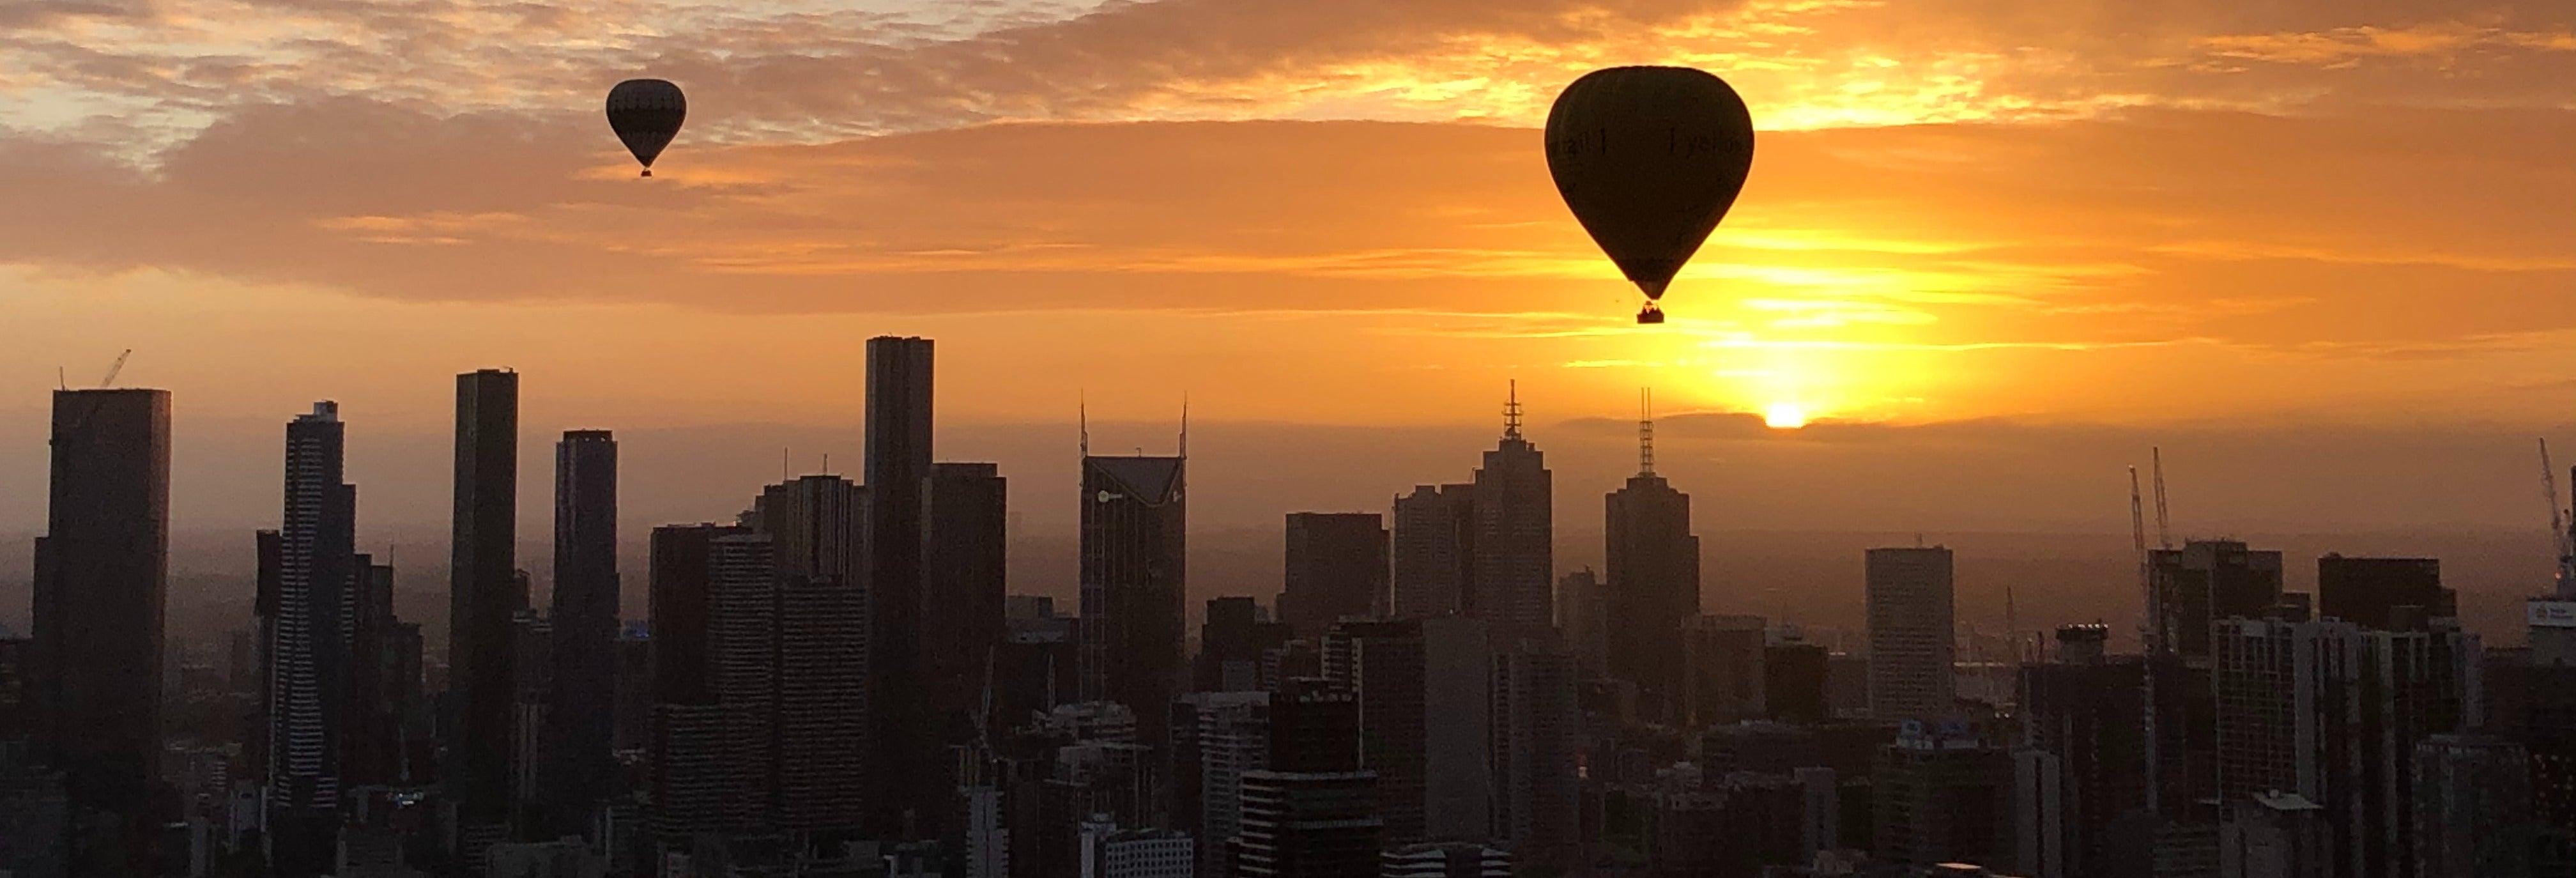 Passeio de balão por Melbourne ao amanhecer